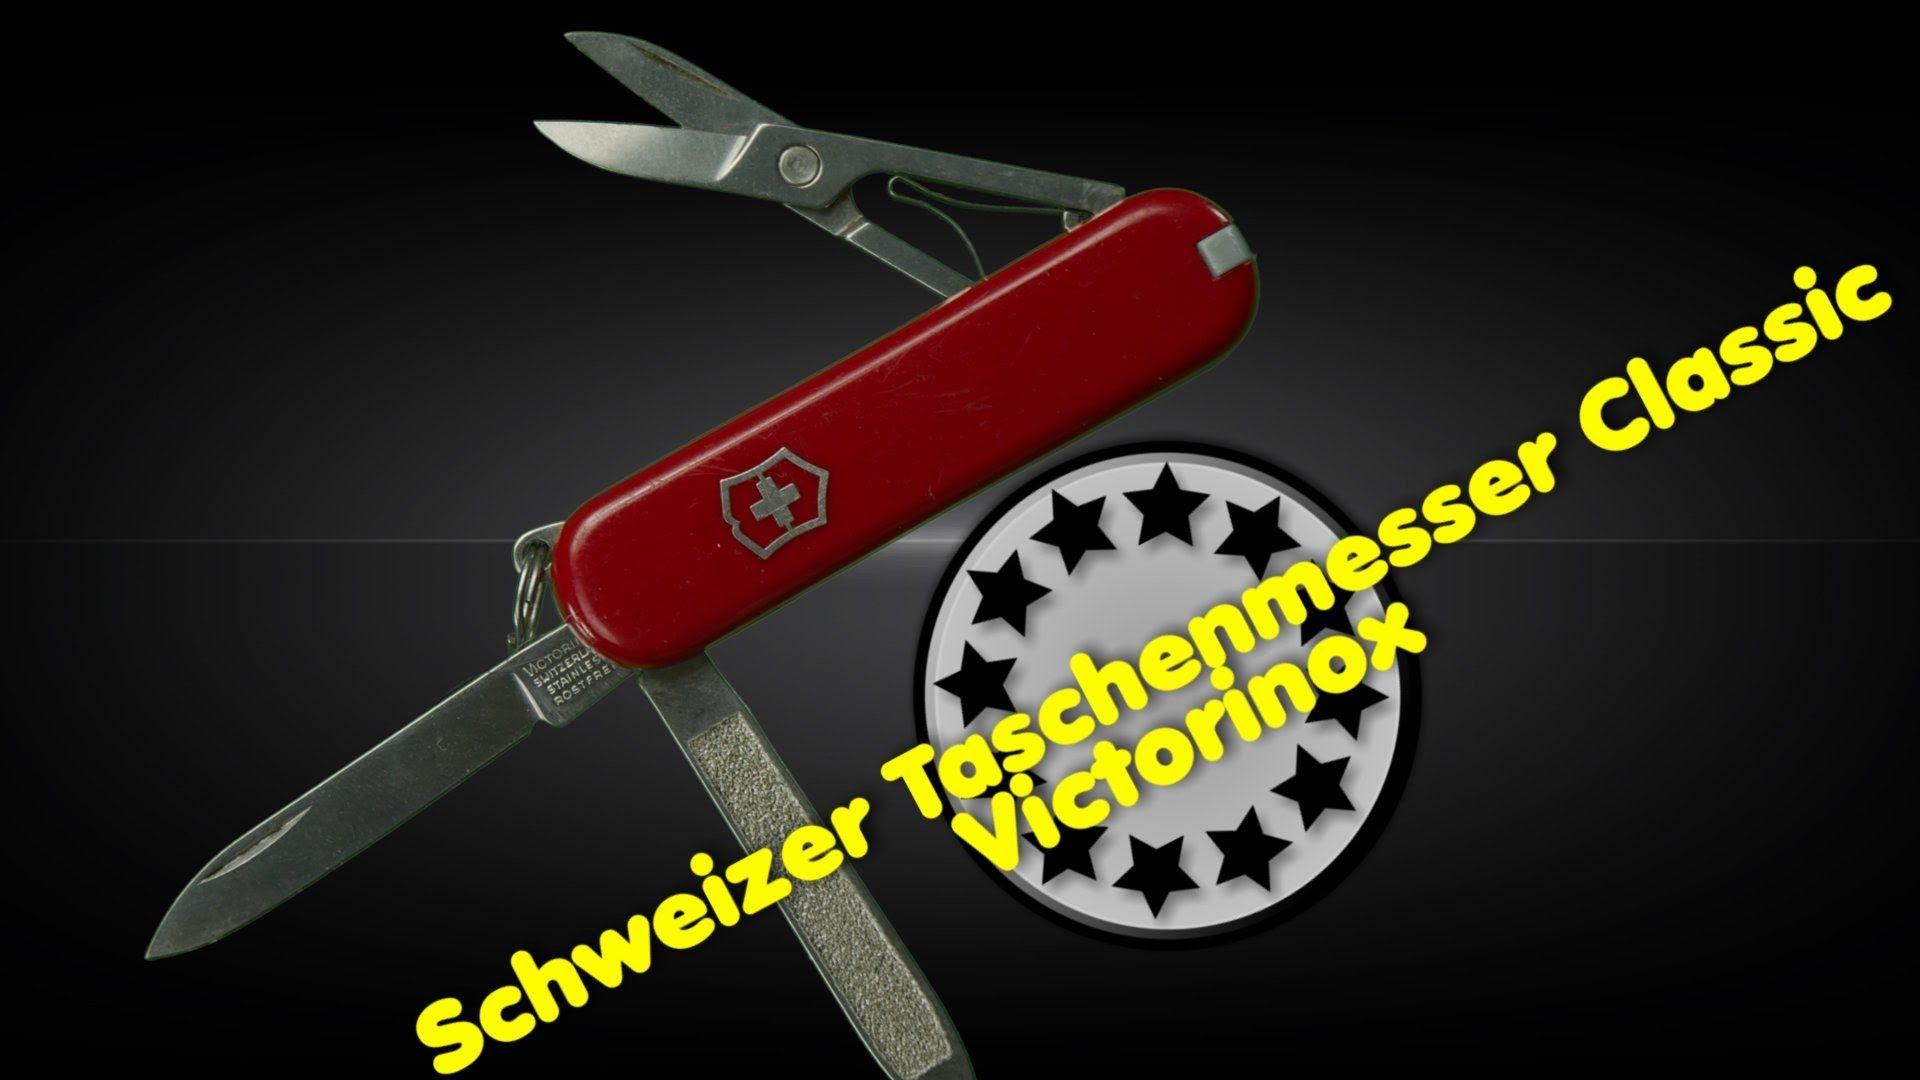 Victorinox Schweizer Taschenmesser Classic sehr klein Länge: 58 mm, Schalen: Cellidor Klinge, Nagelfeile mit Nagelreiniger Schere, Ring, Inox Pinzette, Zahnstocher http://www.mychannel2016hd.de